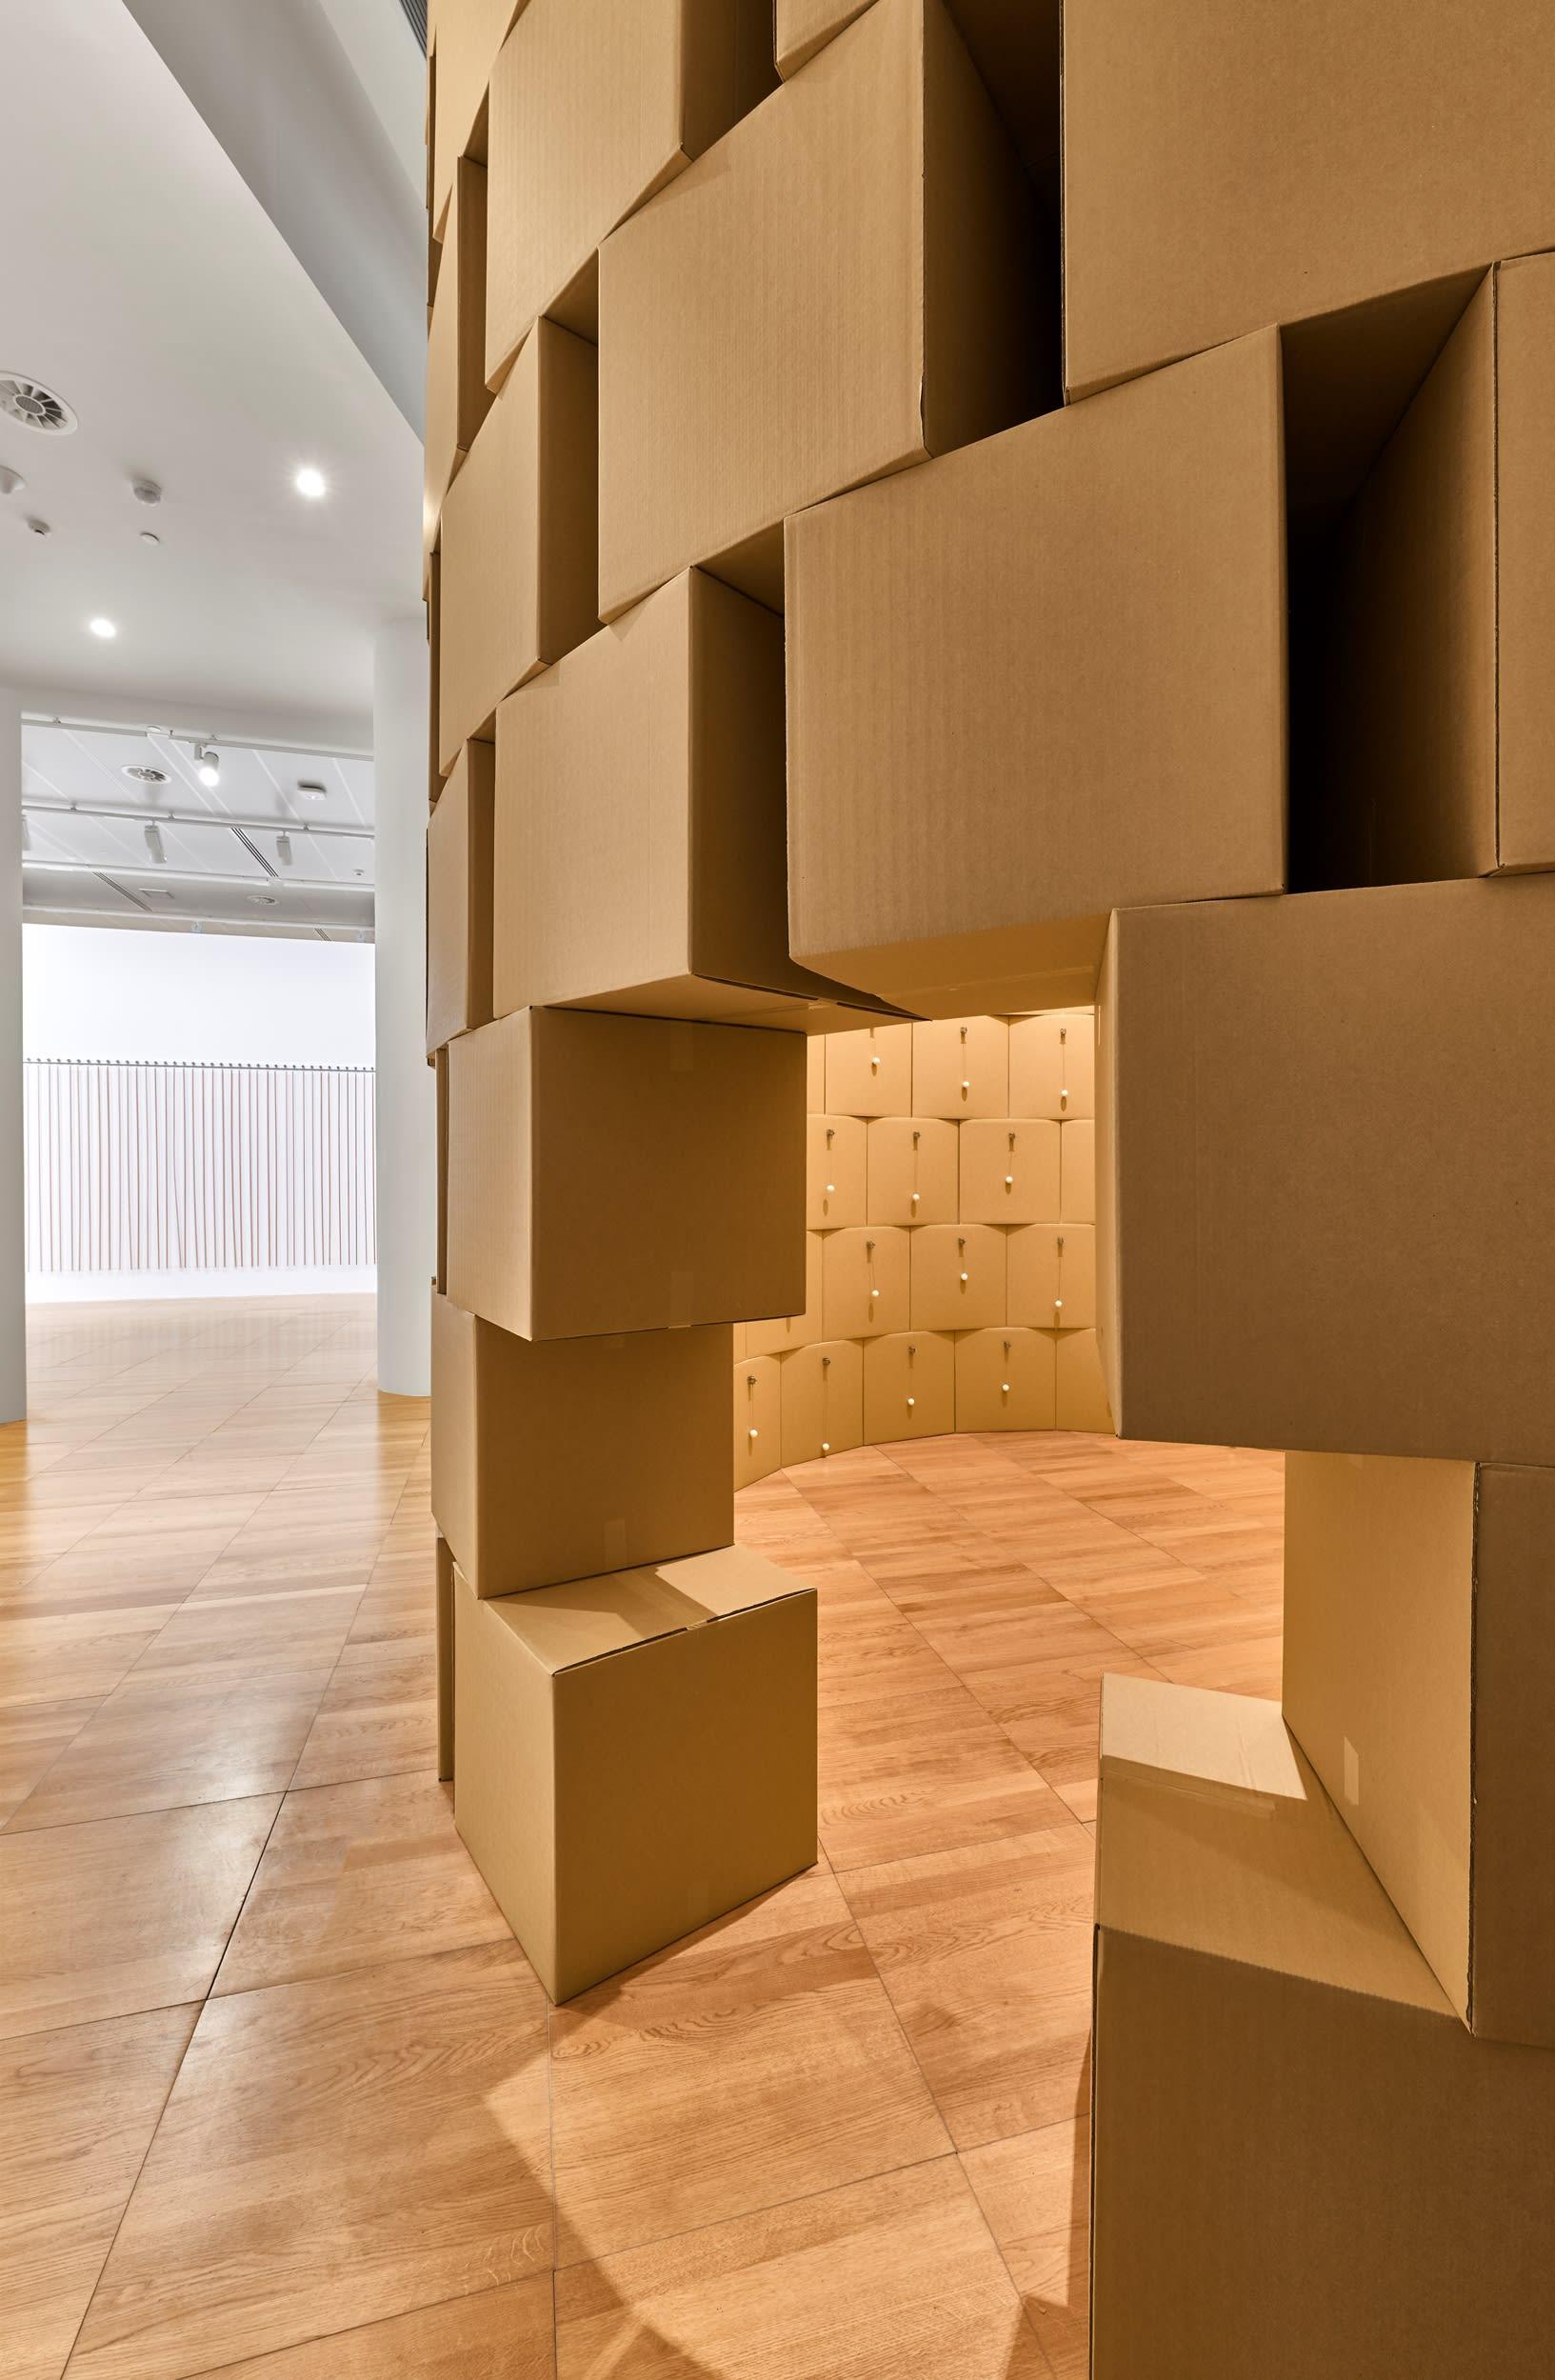 معرض فني بأبوظبي يحتضن أصوات صاخبة لهذه الأعمال الفنية الضخمة